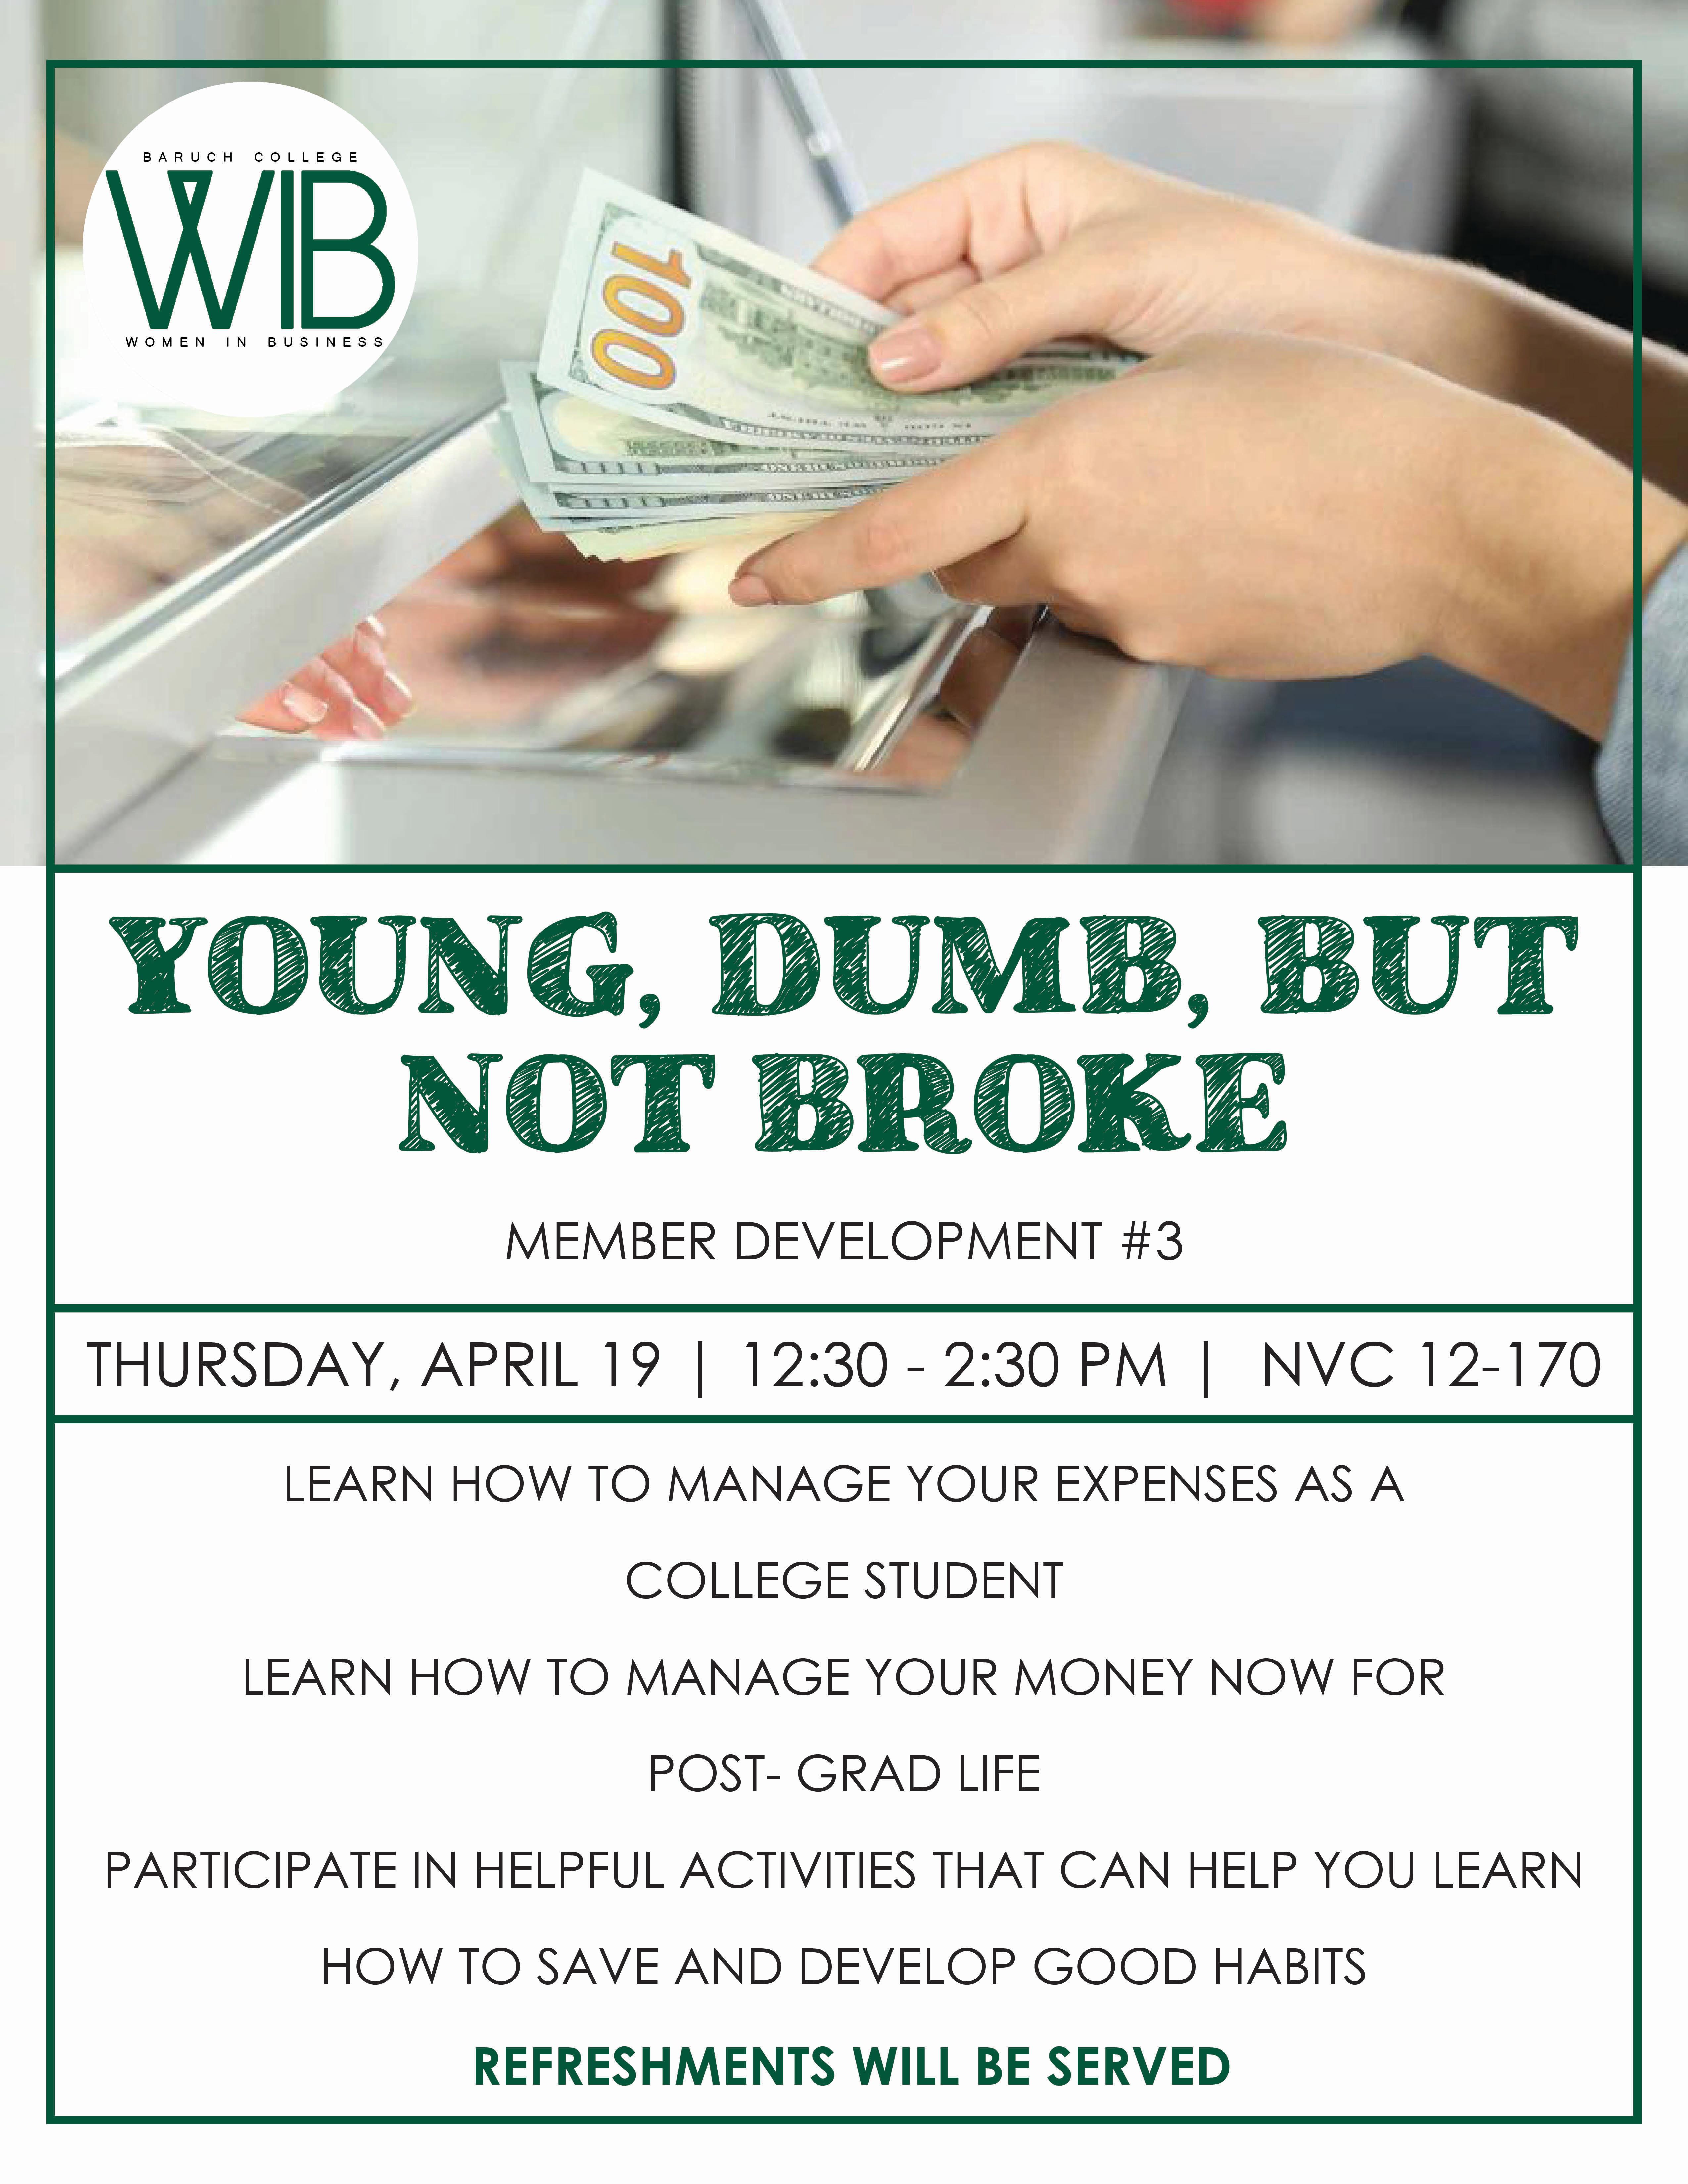 Young, Dumb, but not broke